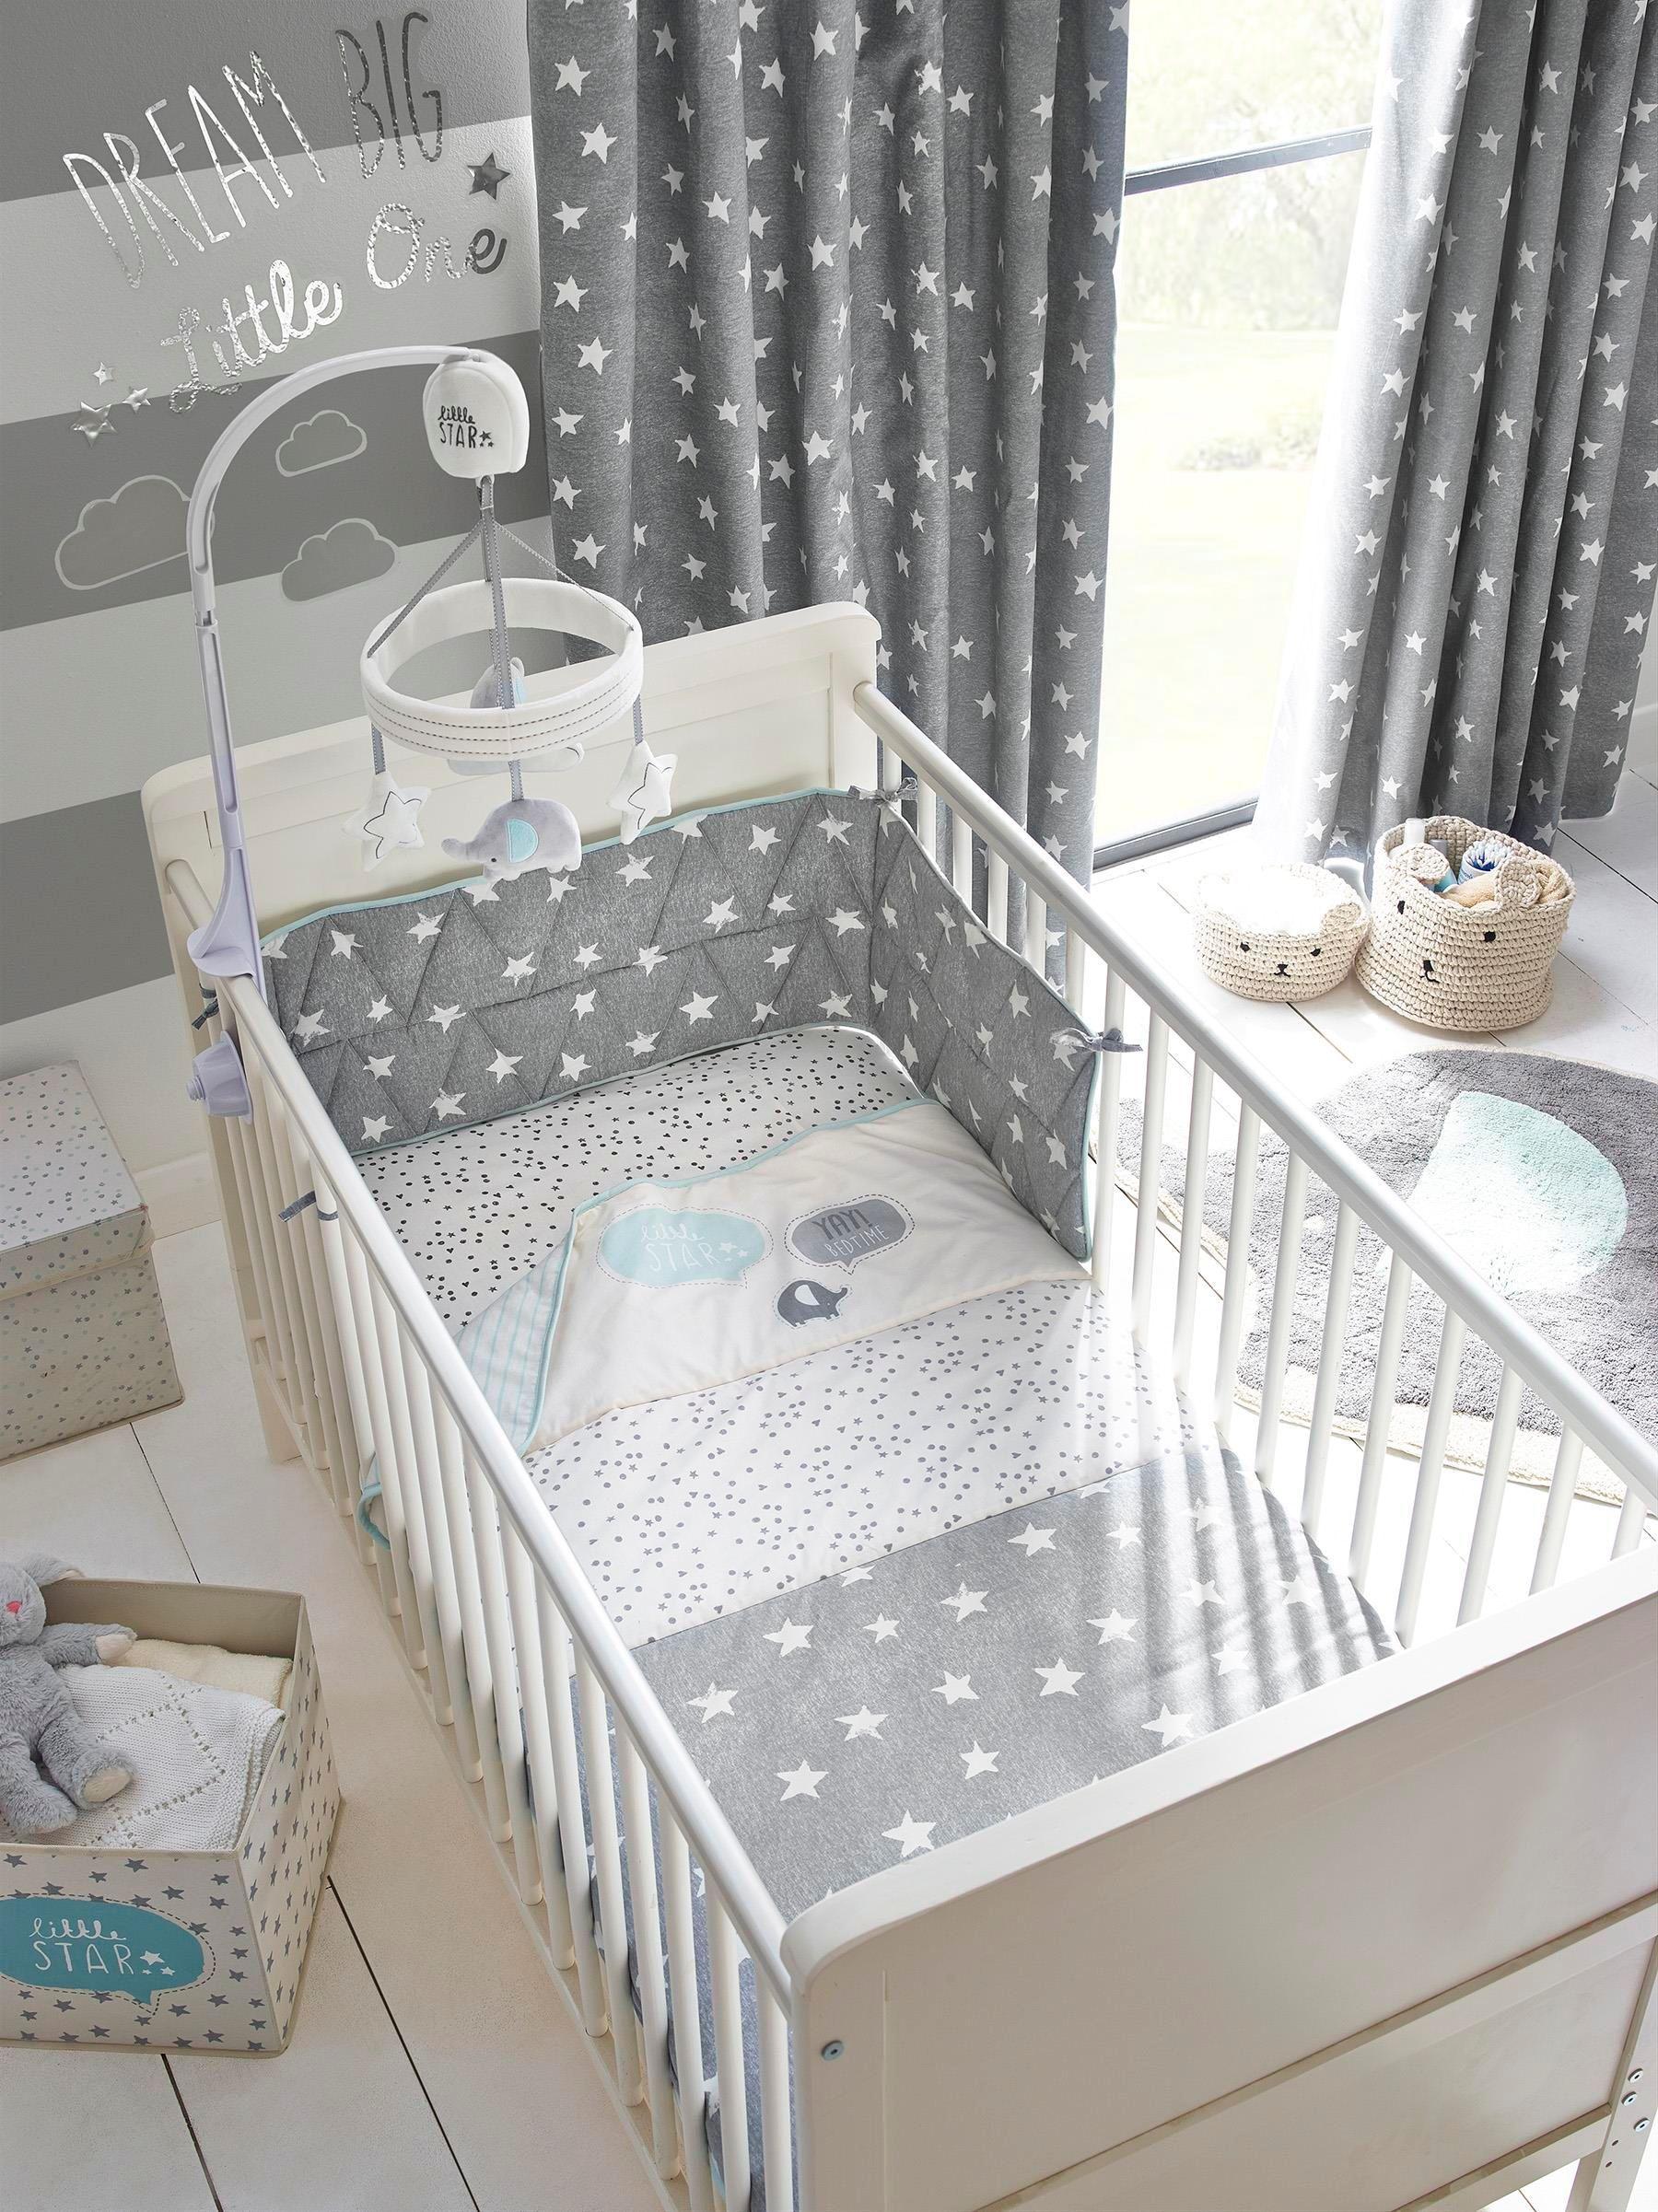 Kopfschutz Für Das Babybettchen Little Star Heute Online Kaufen Bei Next Deutschland